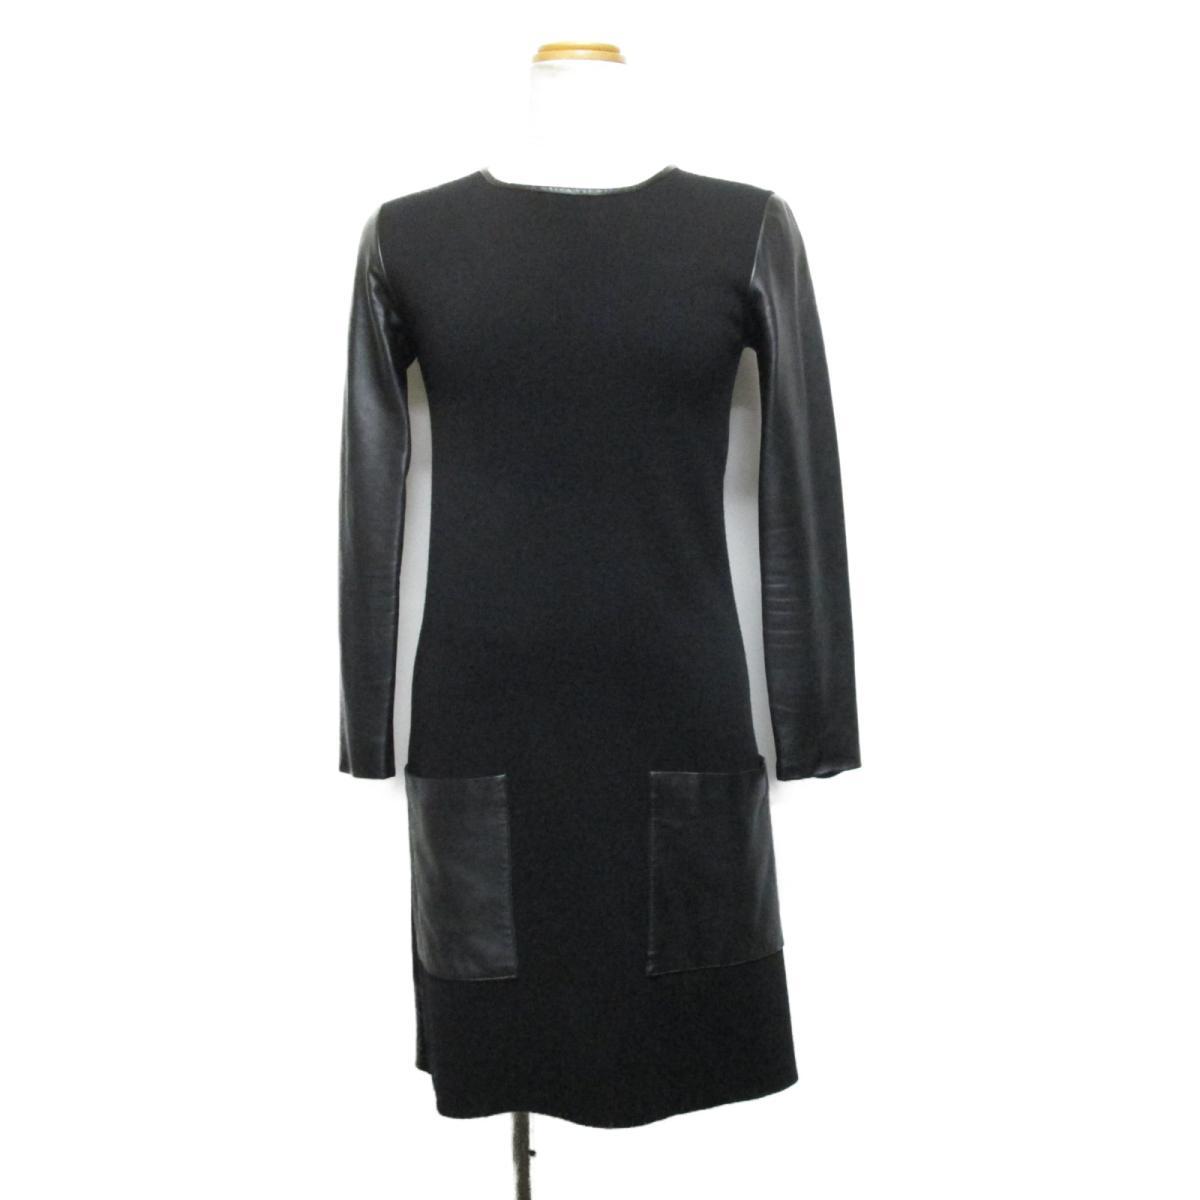 【中古】 クリスチャン・ディオール ワンピース レディース ウール/トリミング:ラムスキン ブラック | Dior BRANDOFF ブランドオフ 衣料品 衣類 ブランド